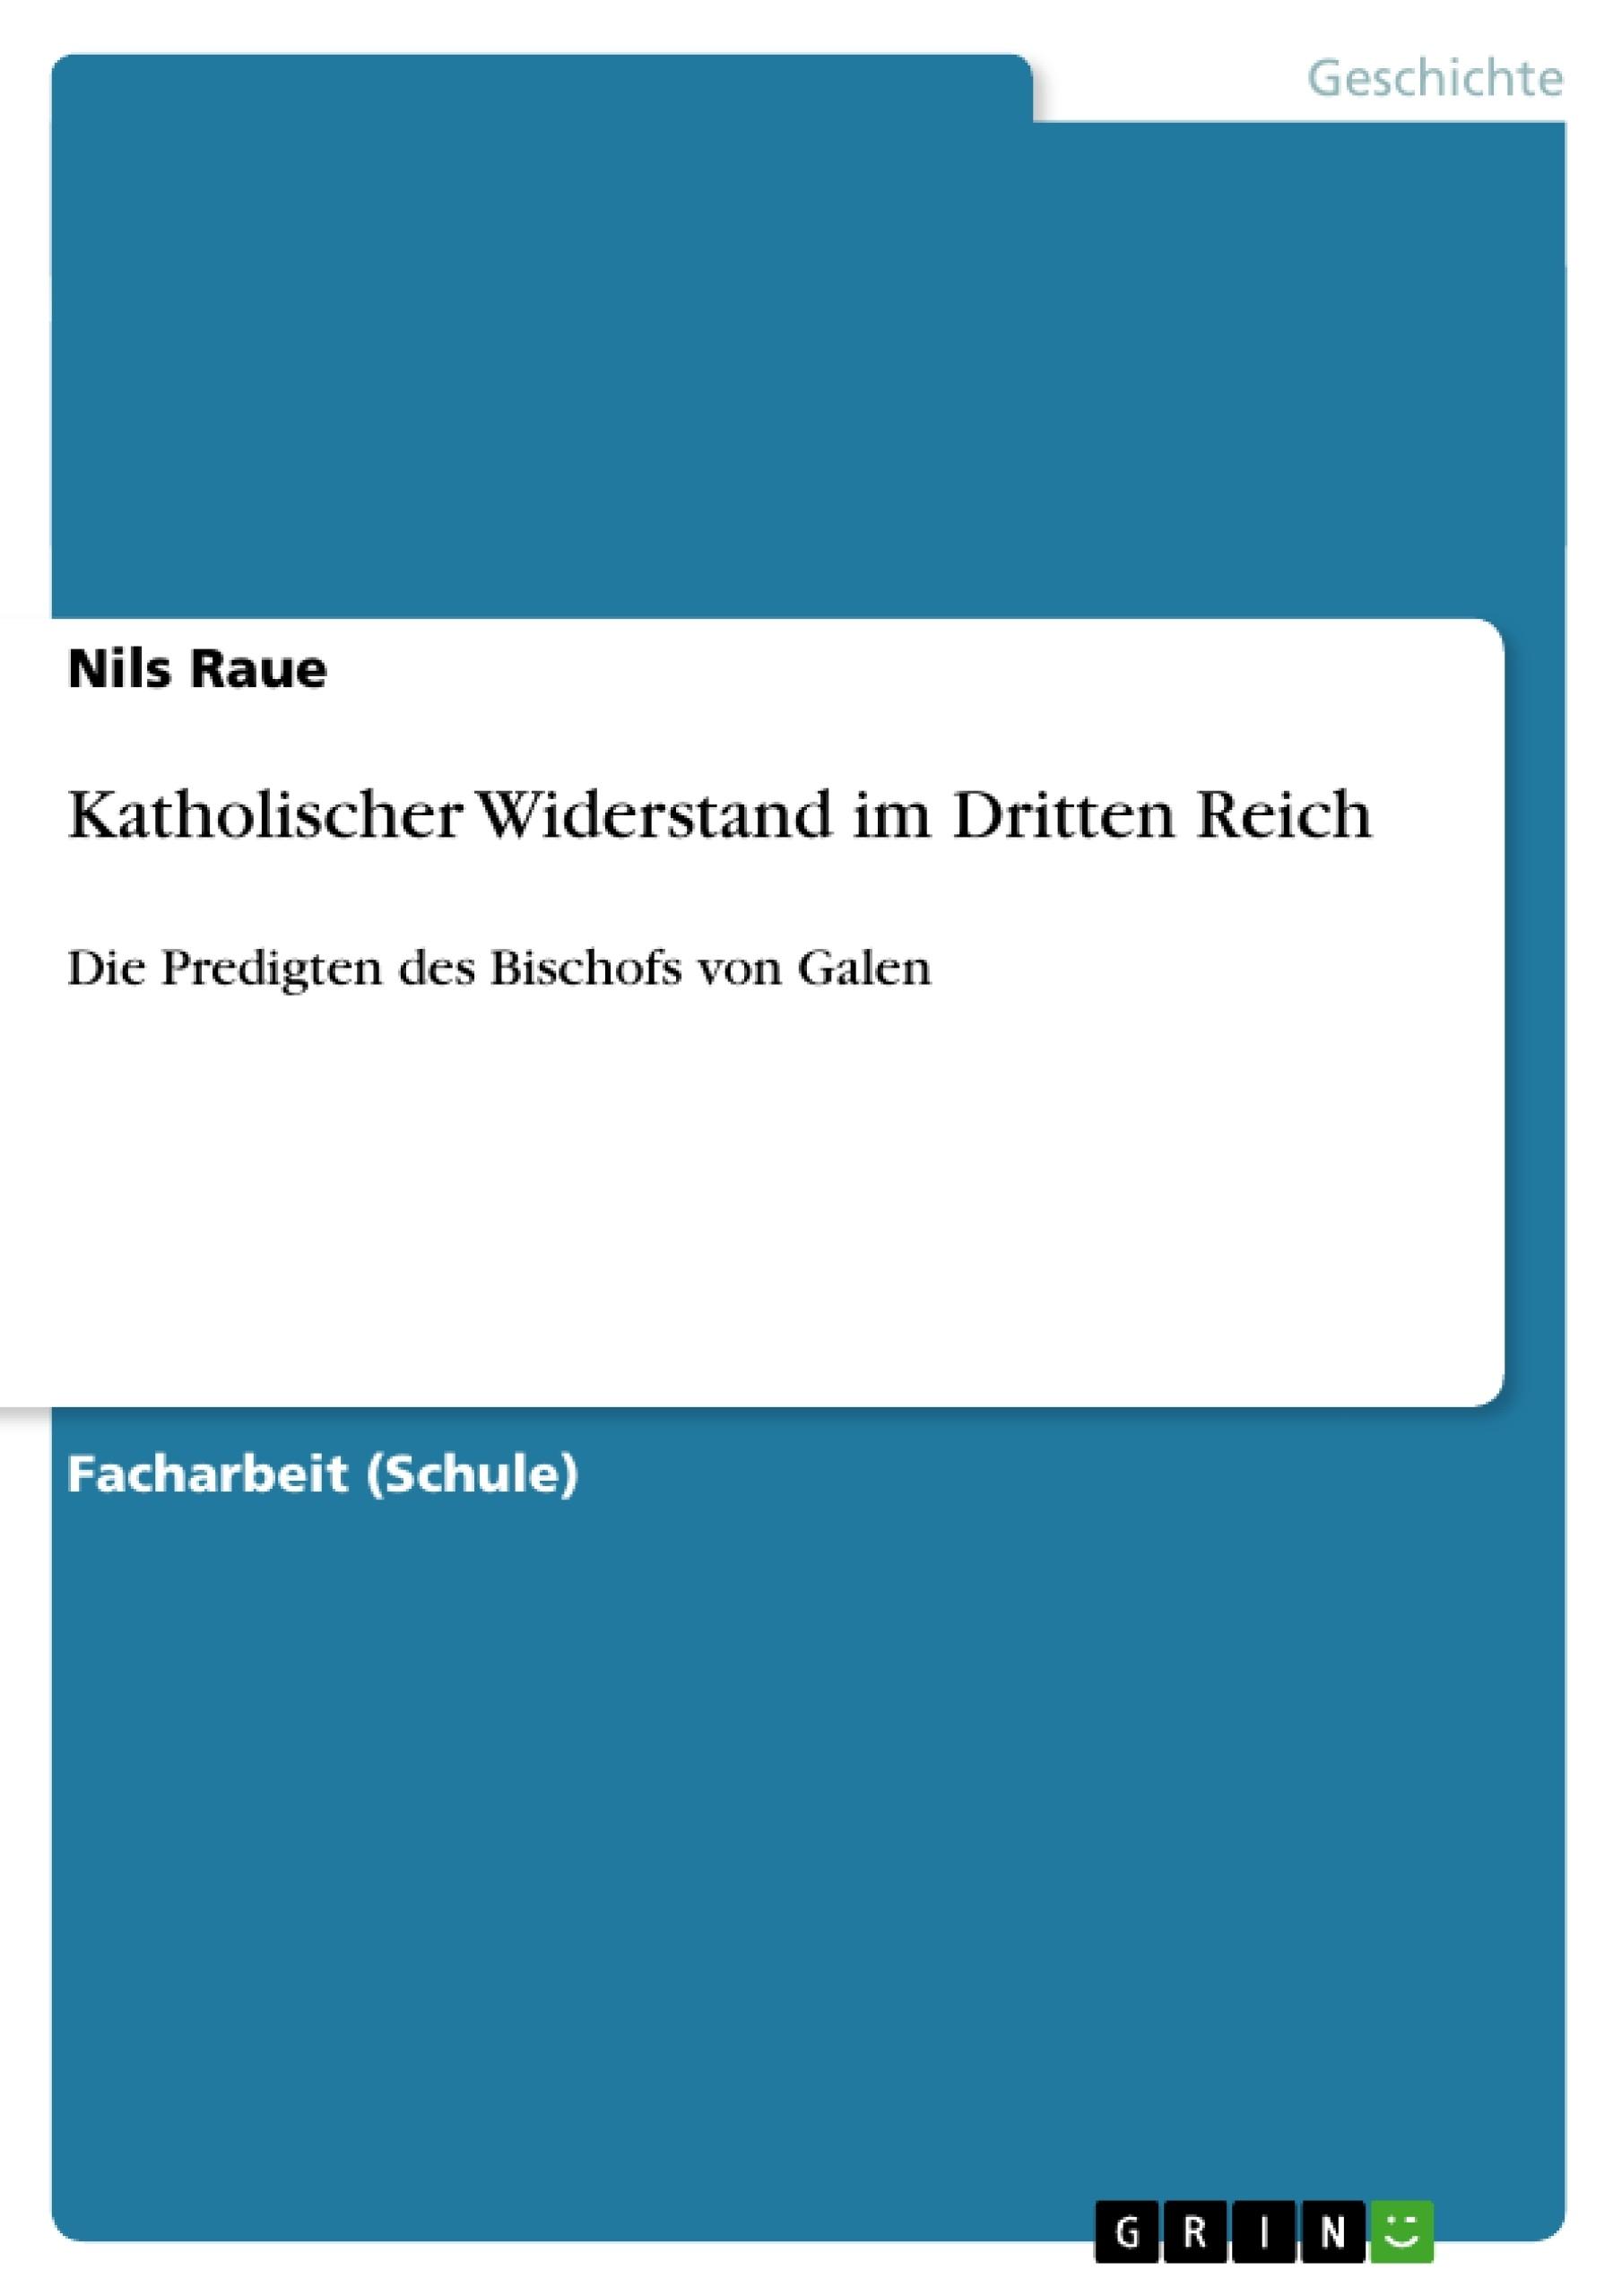 Katholischer Widerstand im Dritten Reich | Masterarbeit, Hausarbeit ...